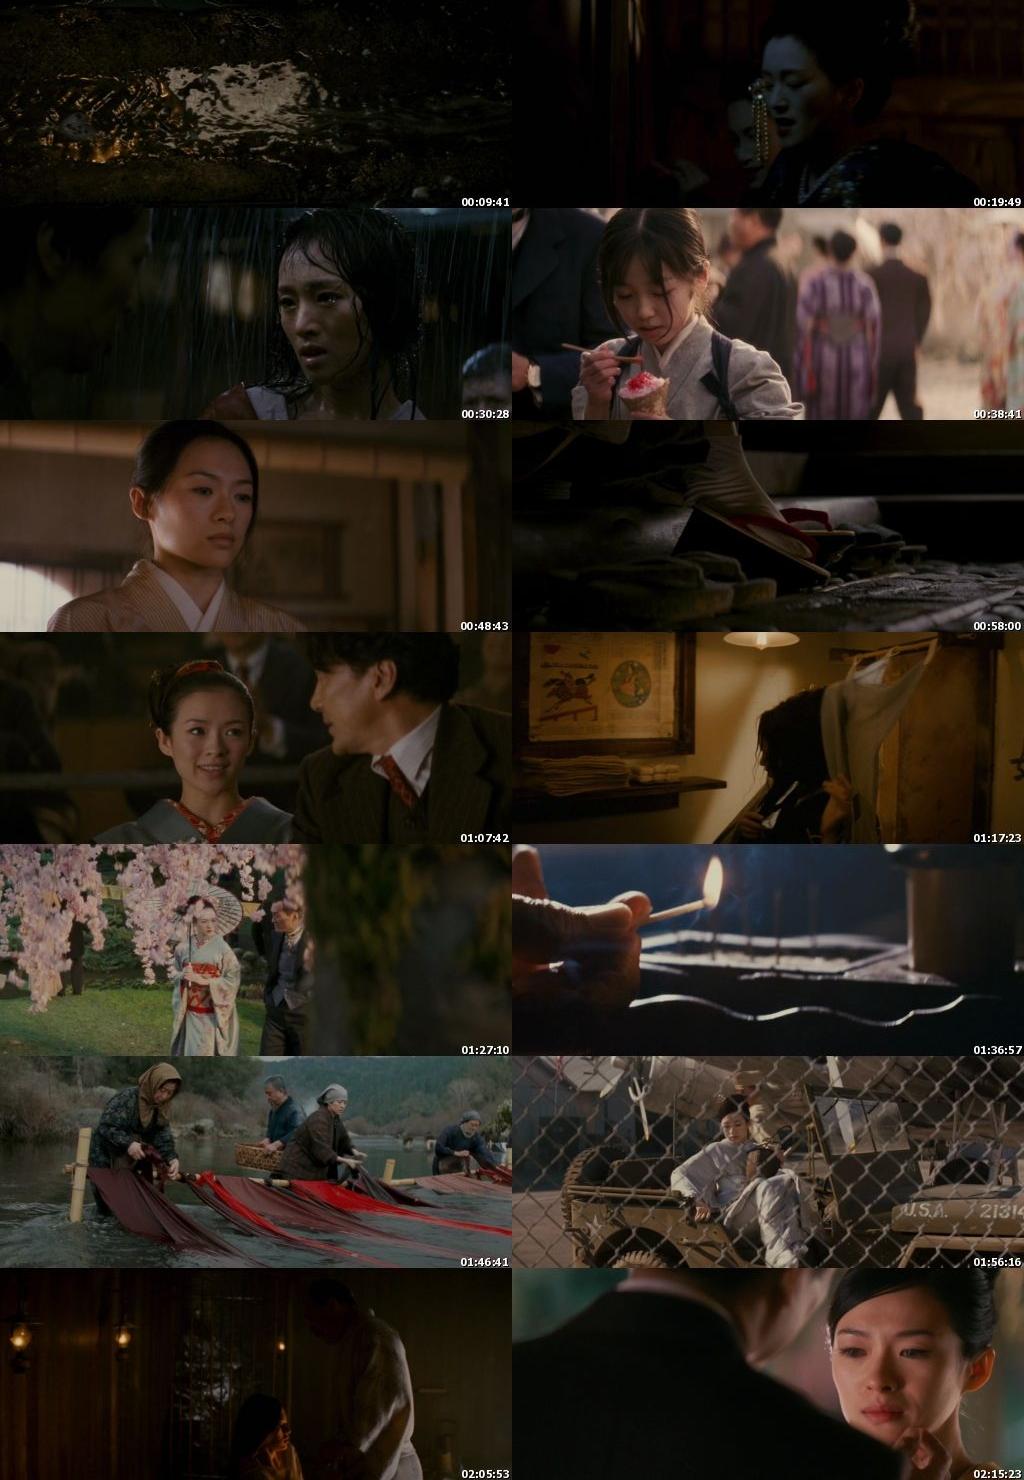 Memoirs of a geisha full movie subtitled